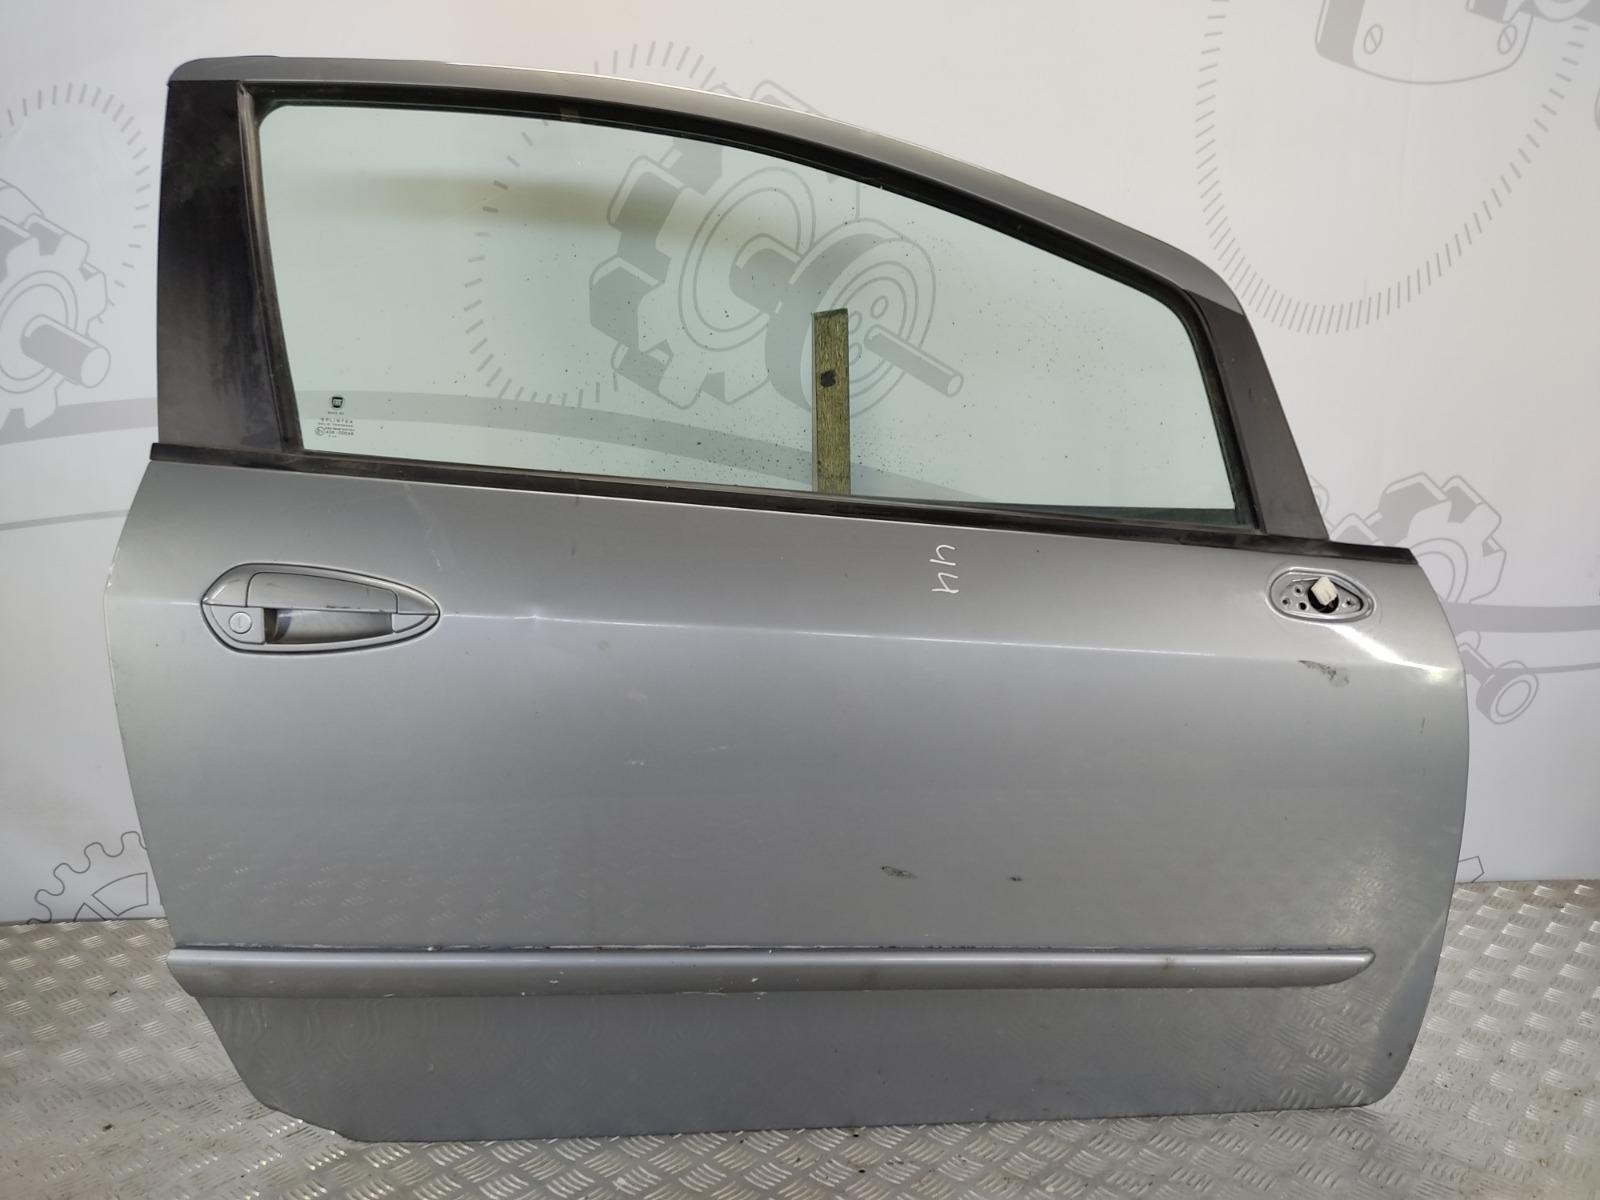 Дверь передняя правая Fiat Punto 1.4 I 2011 (б/у)